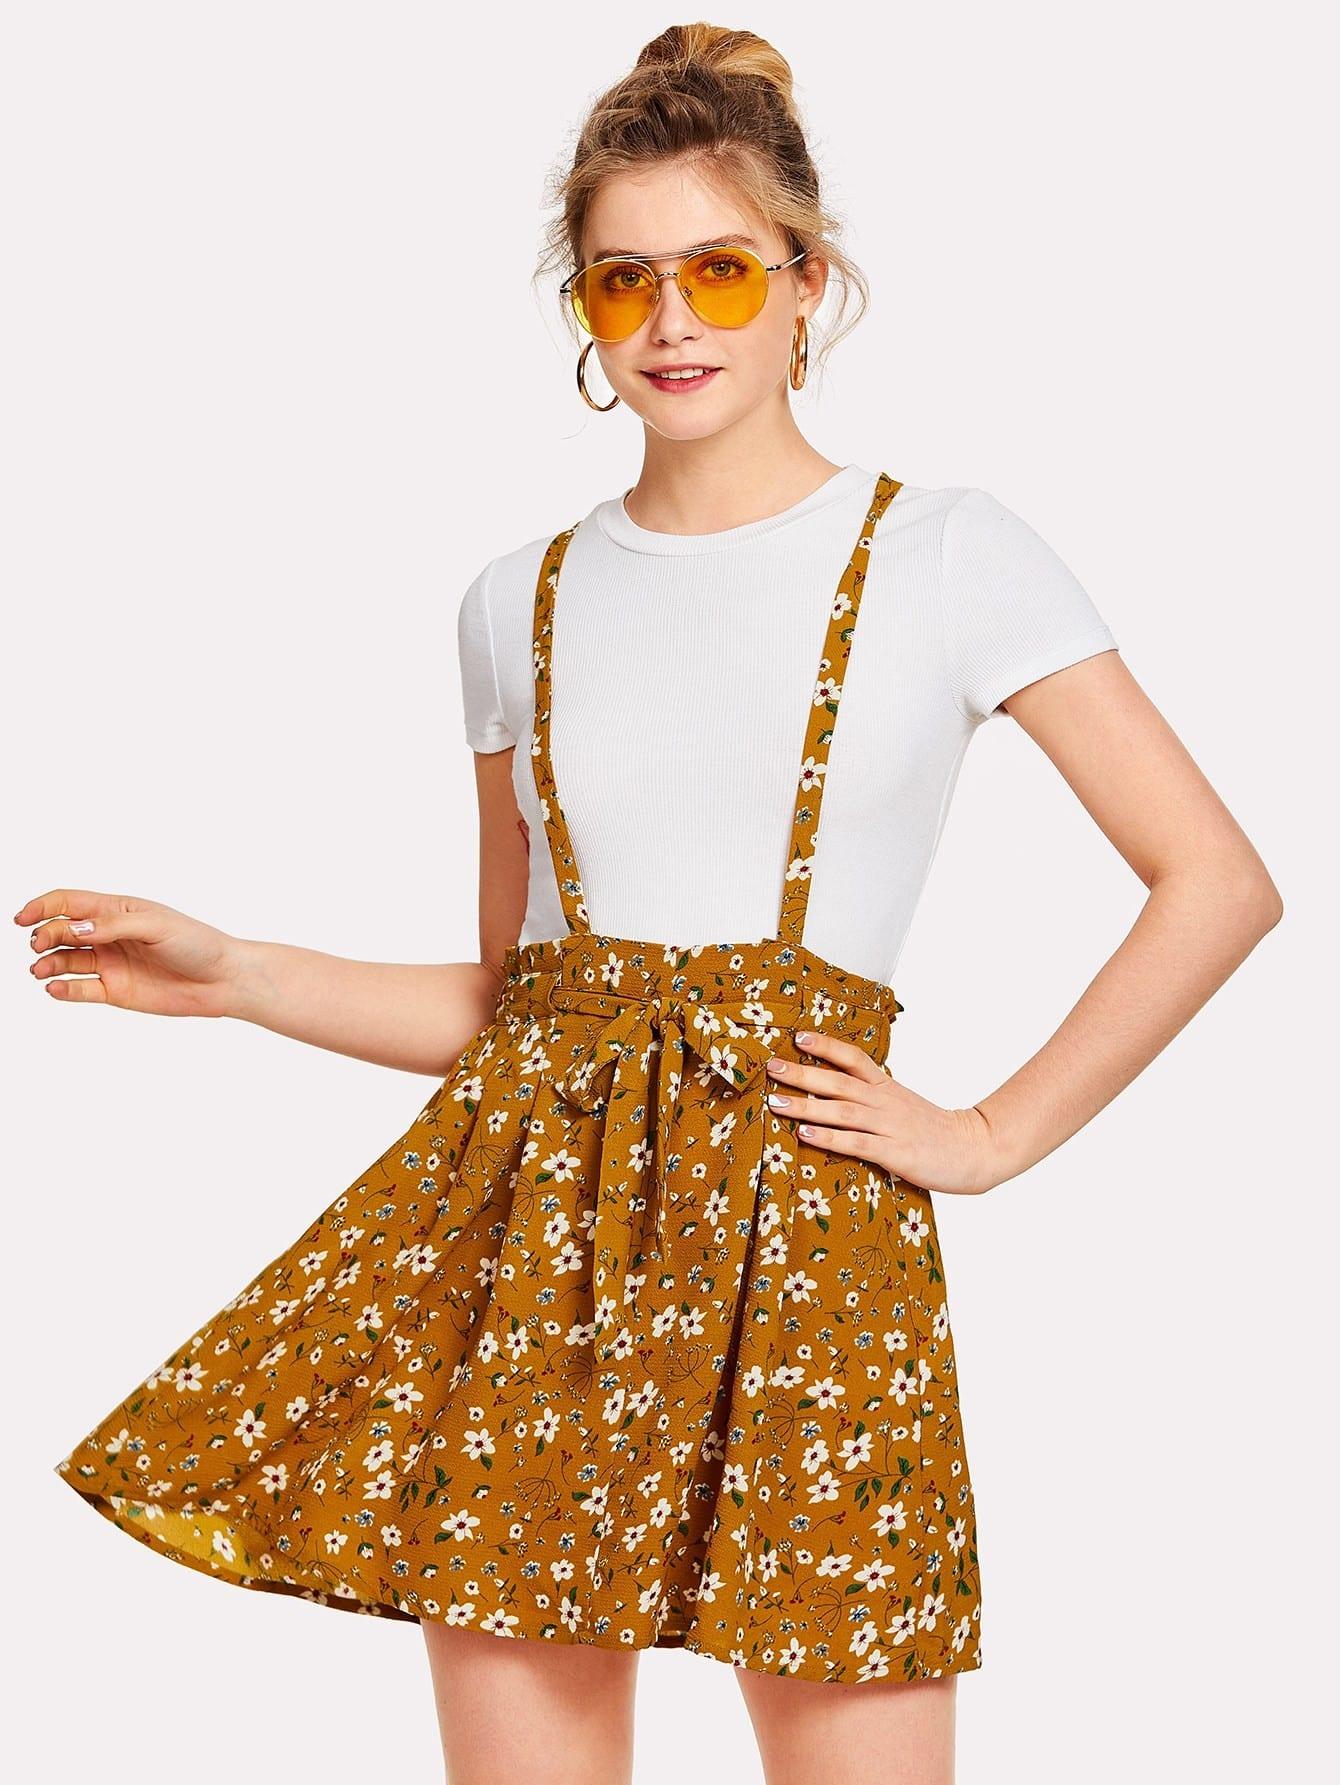 Flower Print Self Tie Waist Crisscross Pinafore Dress flower print tie waist shirt dress